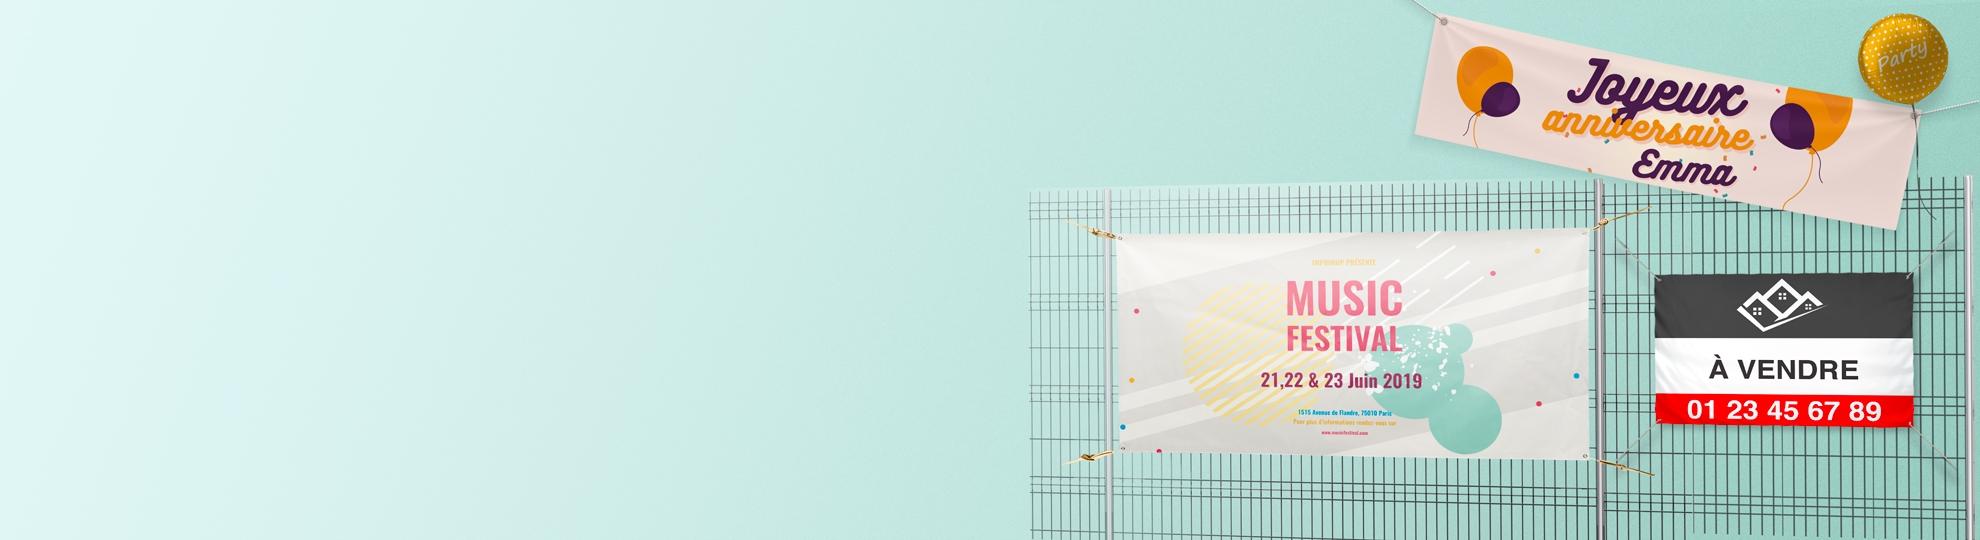 Imprimer une bâche par usages en ligne Imprim Up